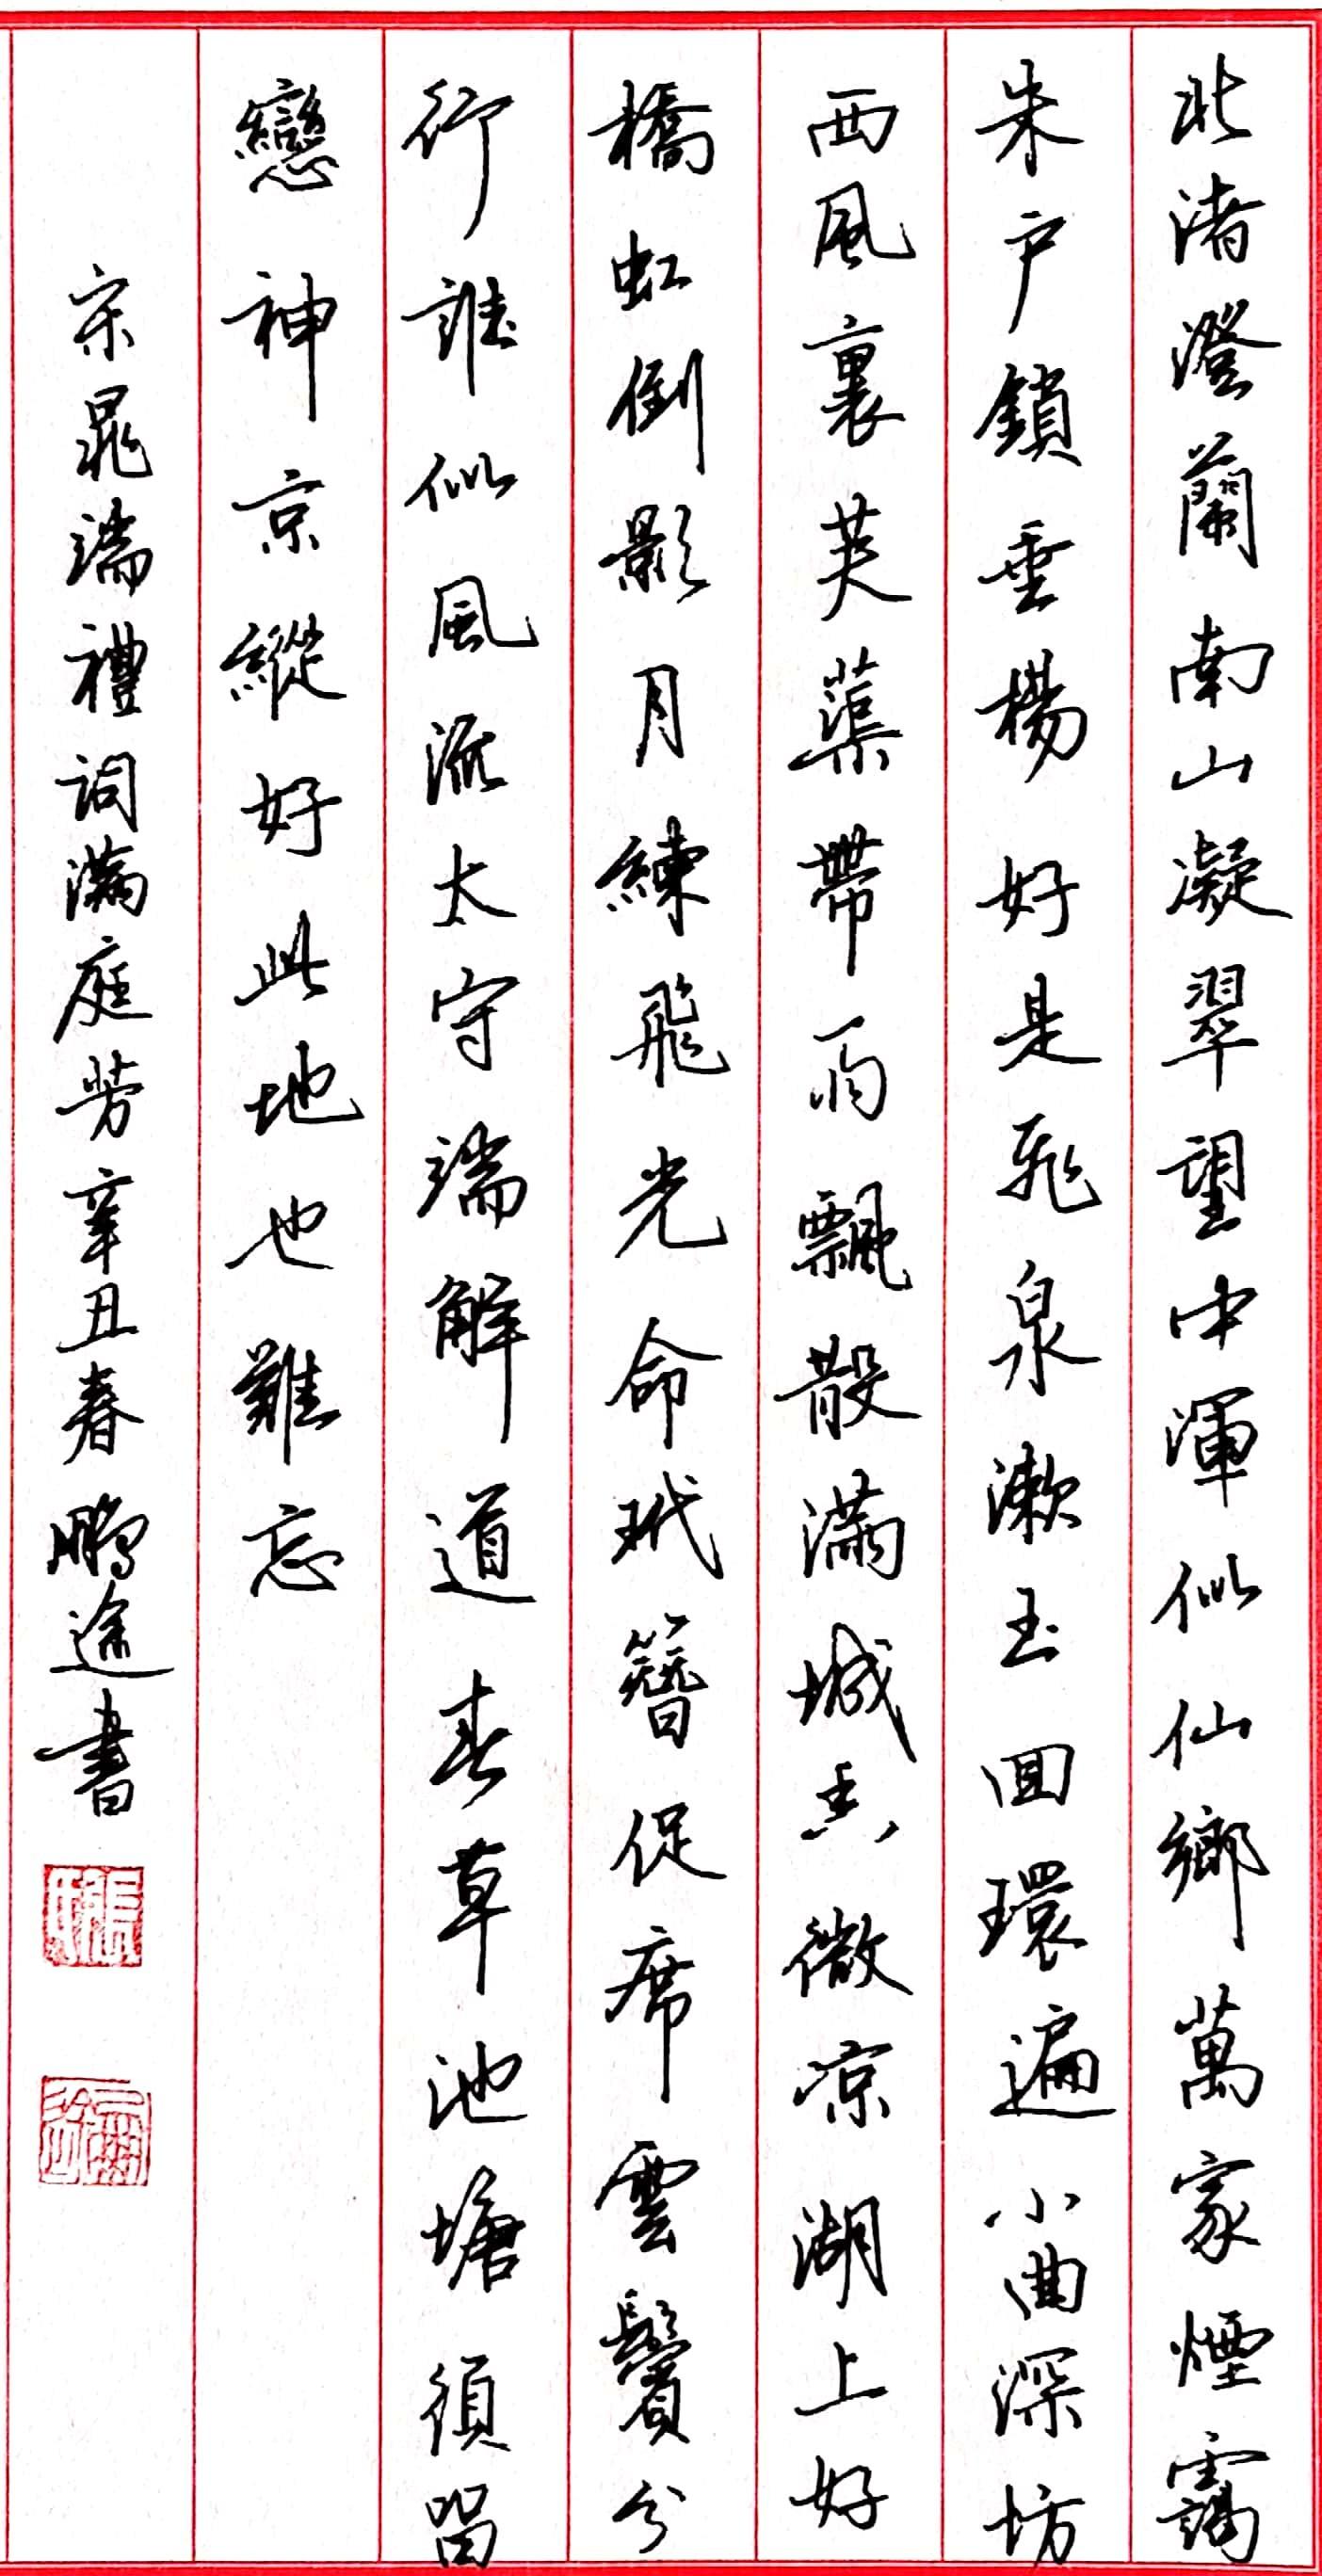 钢笔爱好者练字打卡20210330-24